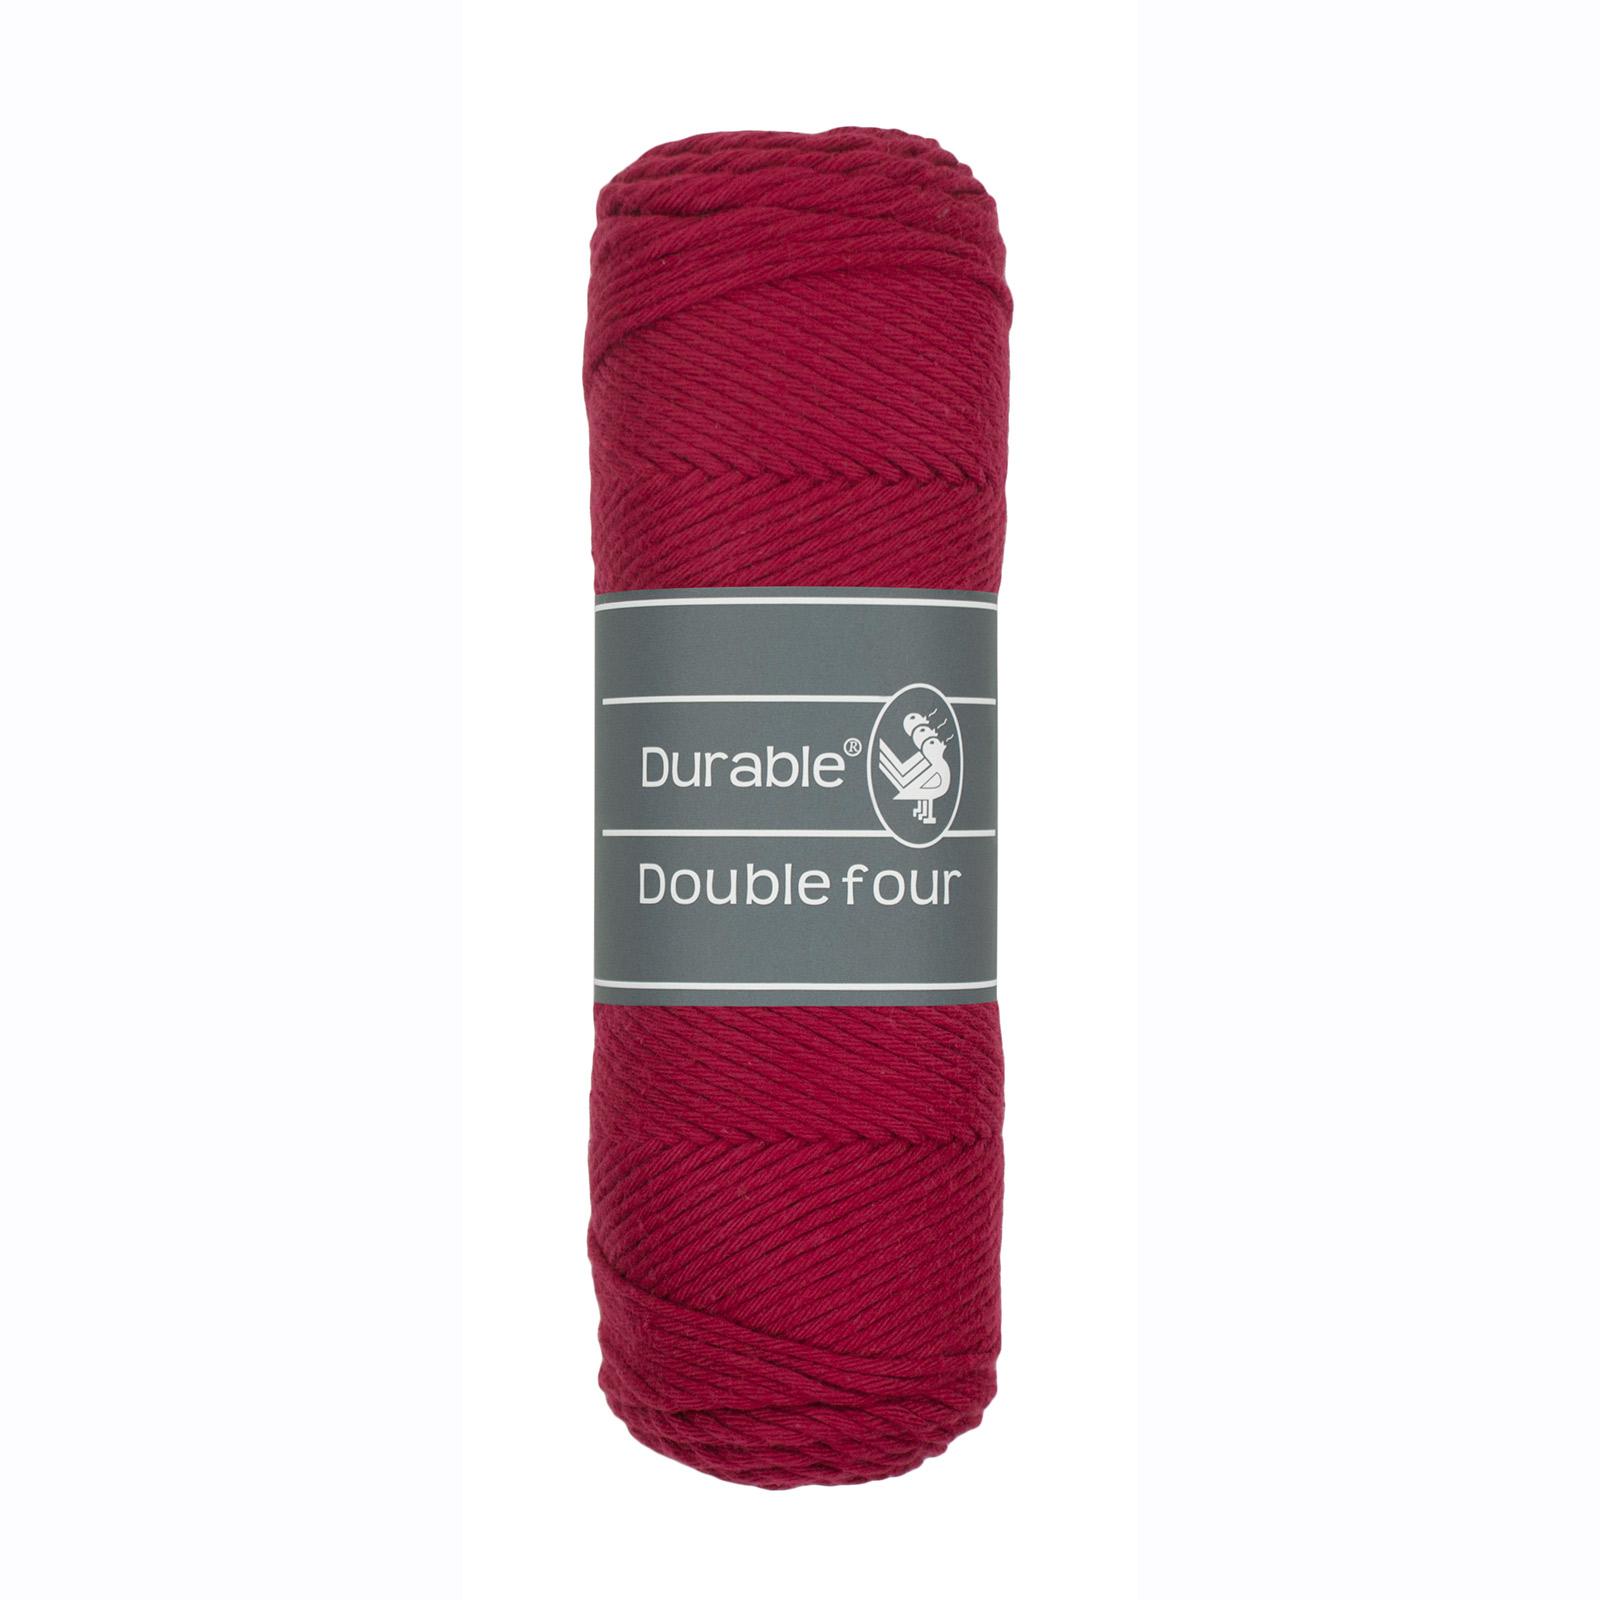 Durable Double Four – 222 Bordeaux